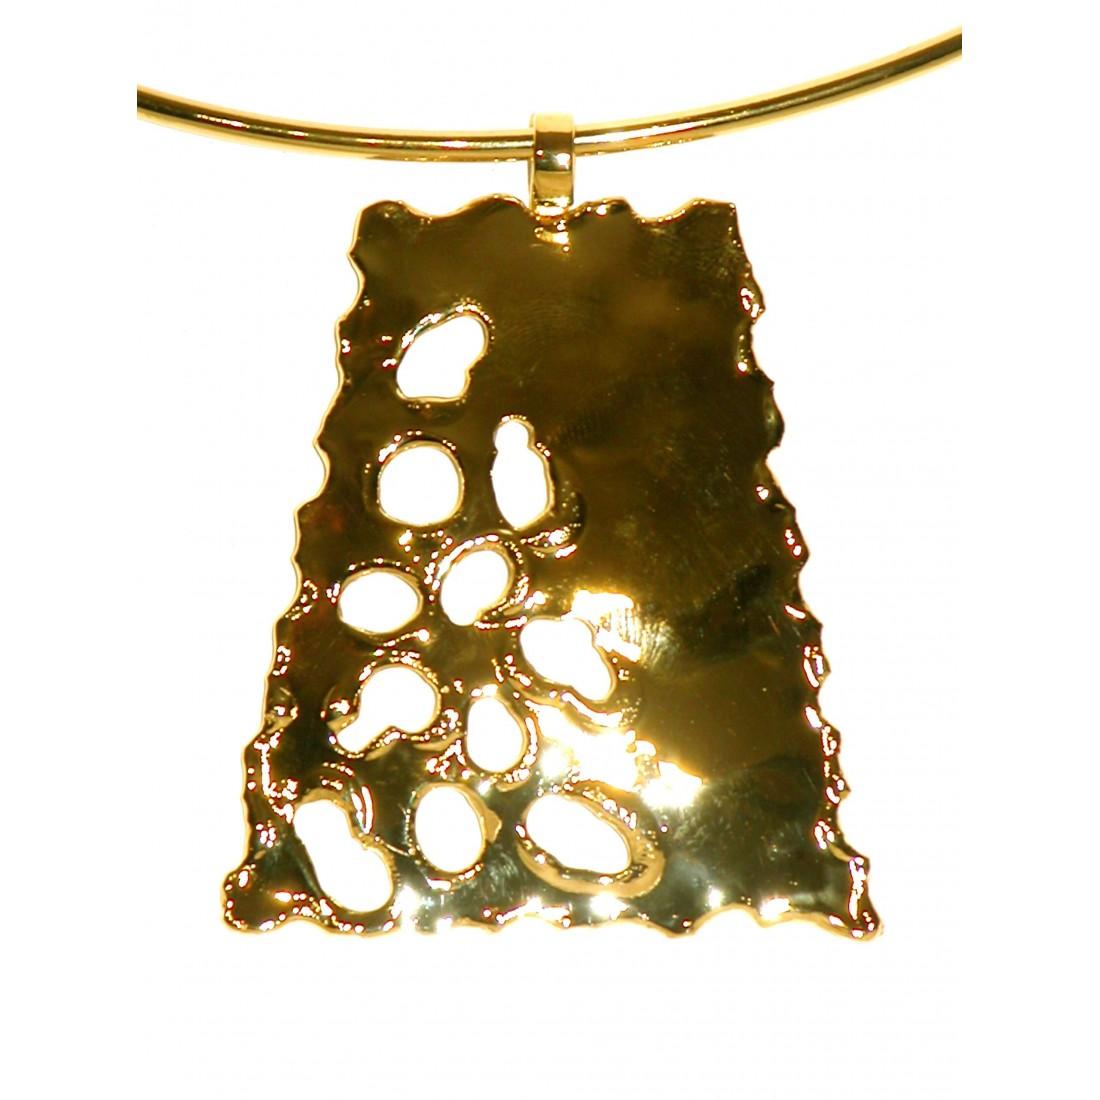 Collier artisanal doré en forme de trapèze-bijou artisanal